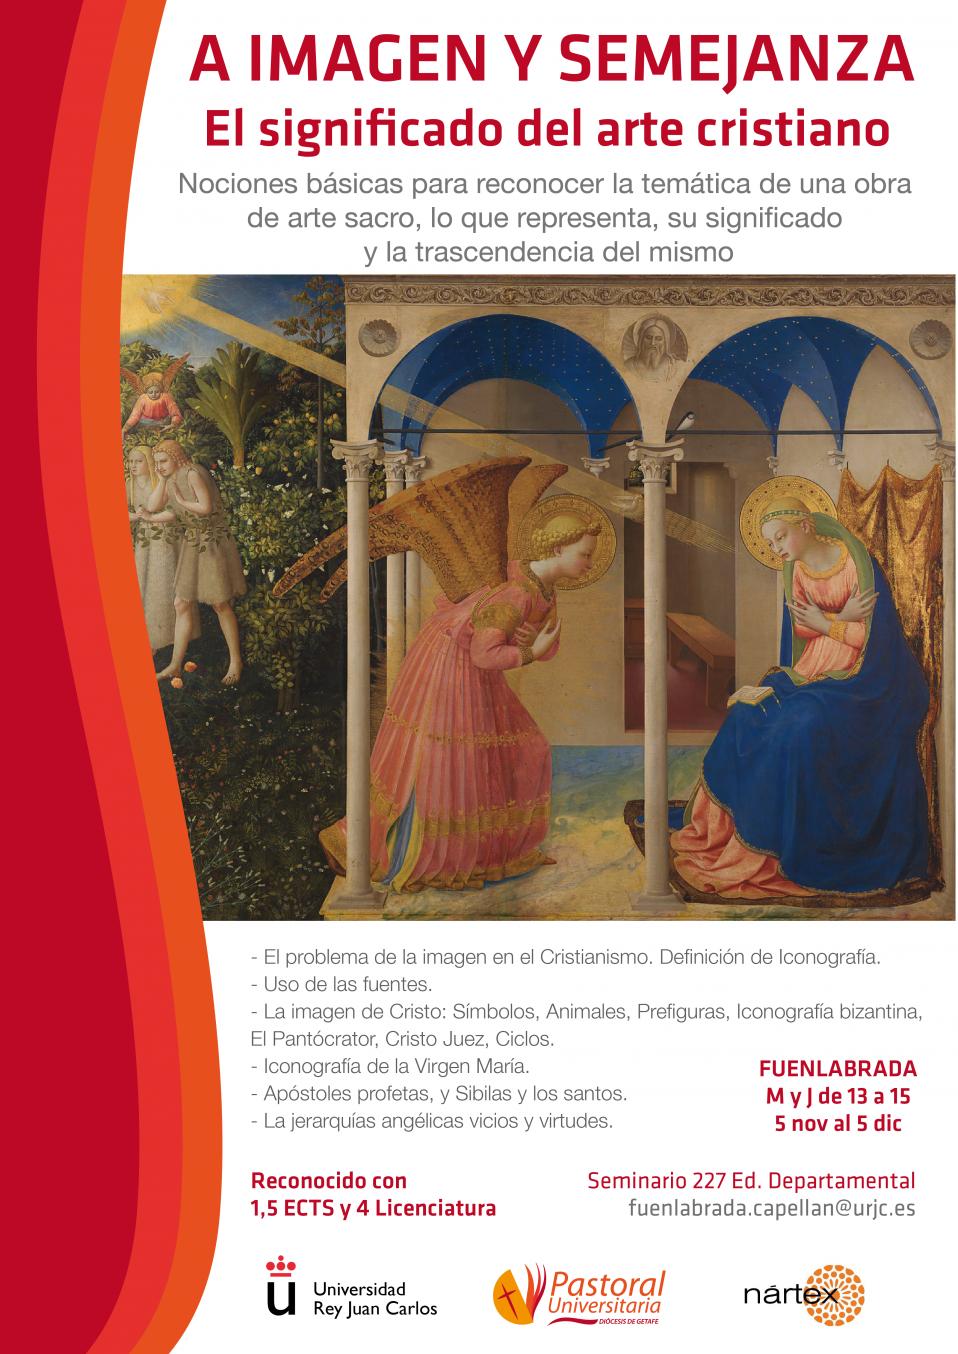 El arte cristiano: una explicación sencilla a su significado